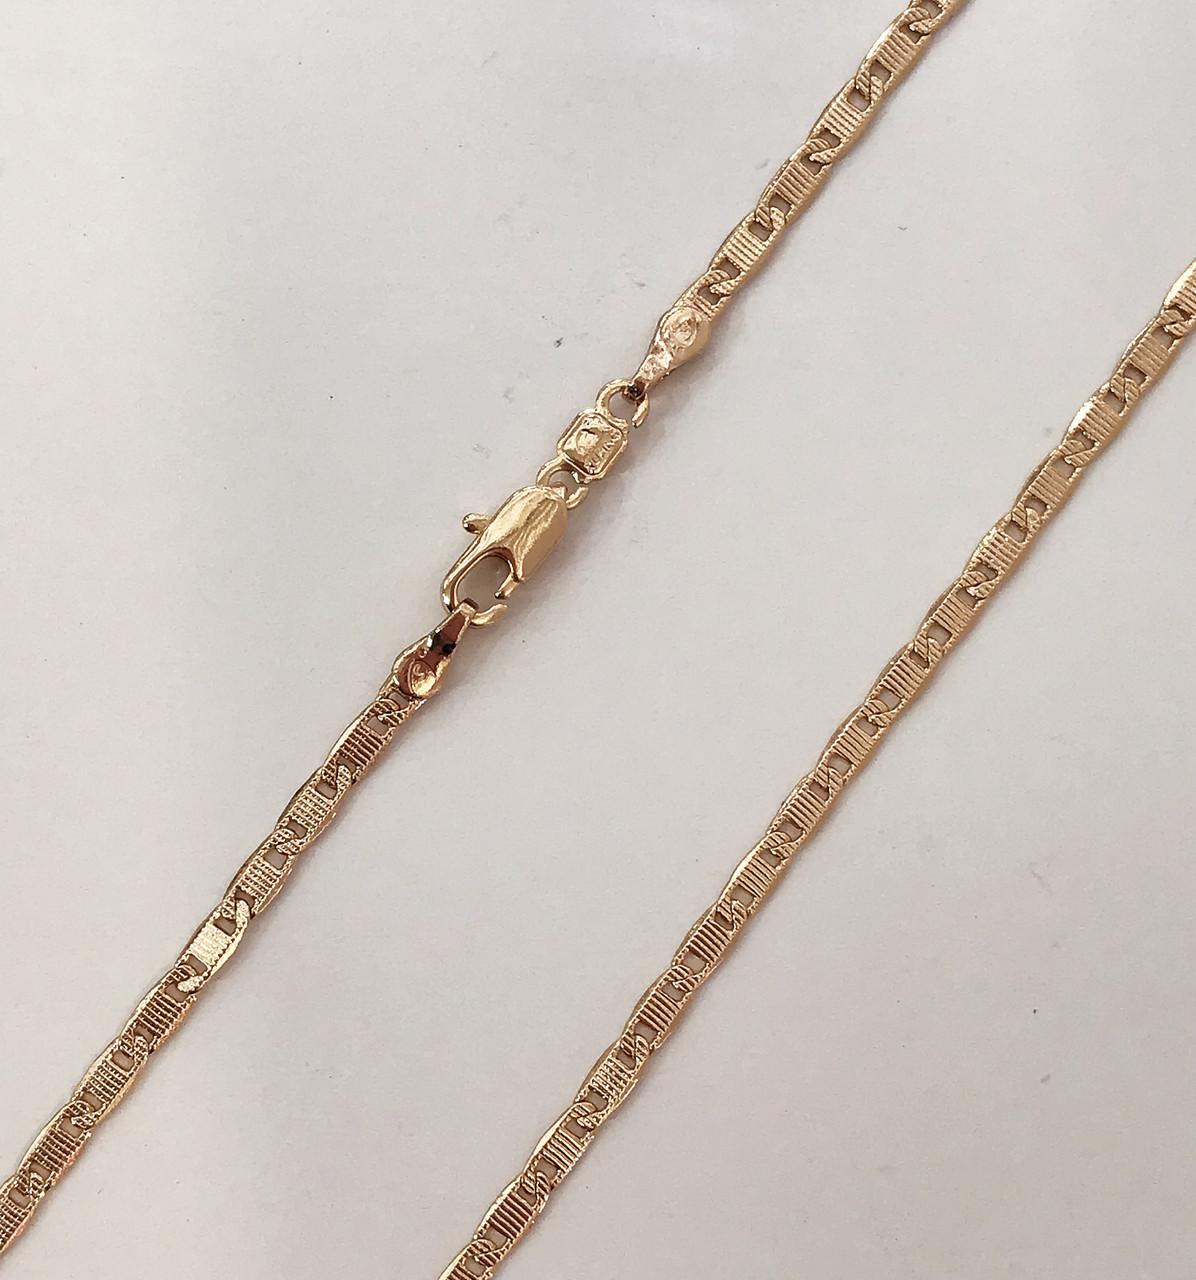 Цепочка плетение Морская цепь длина 45 см H-2 мм позолота 18К